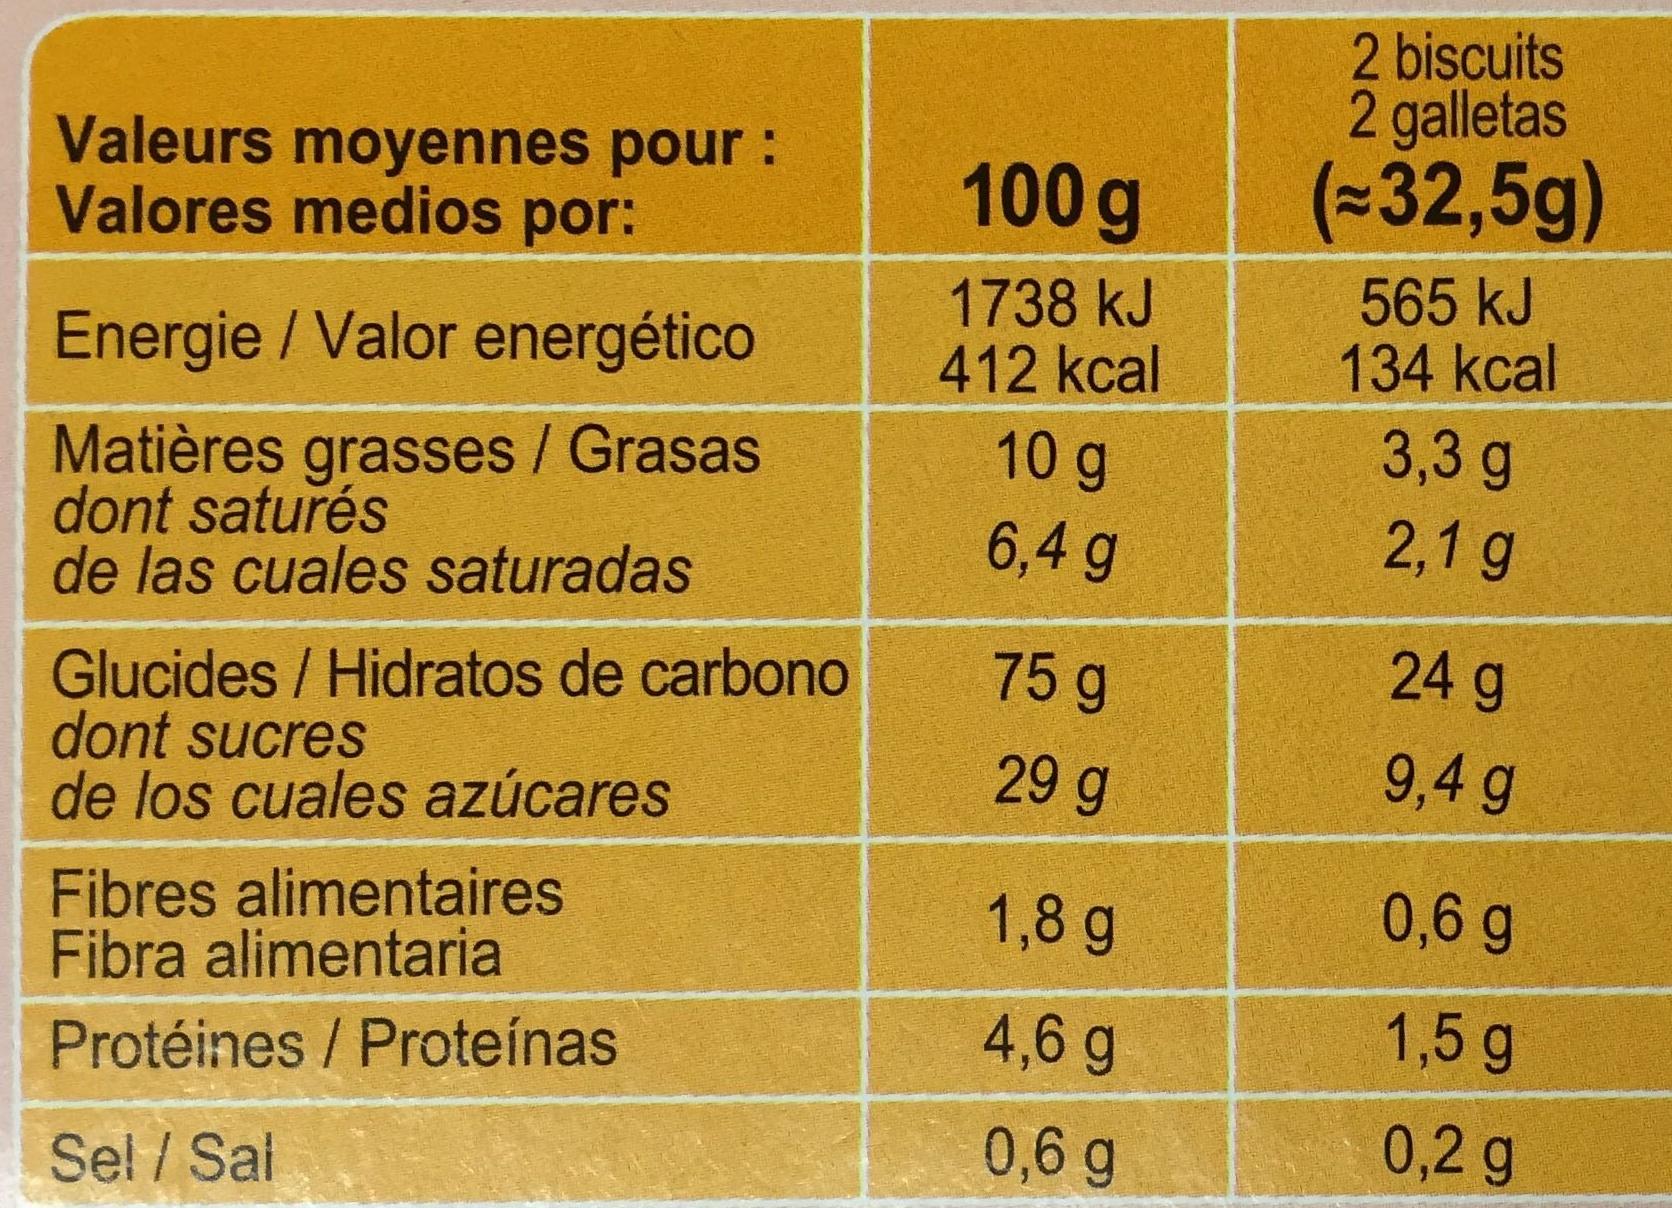 Les  Tartelettes  Carrées Fraise - Información nutricional - fr